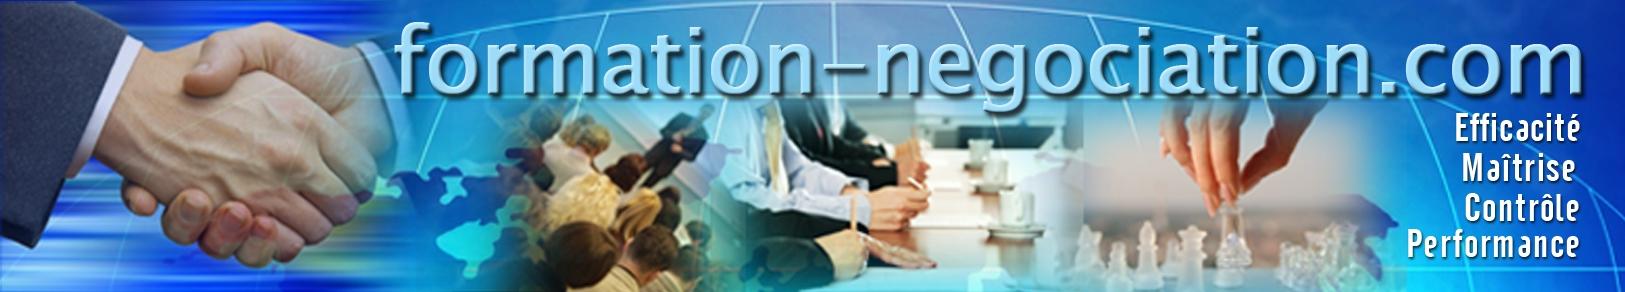 Banniere Formation Negociation Com